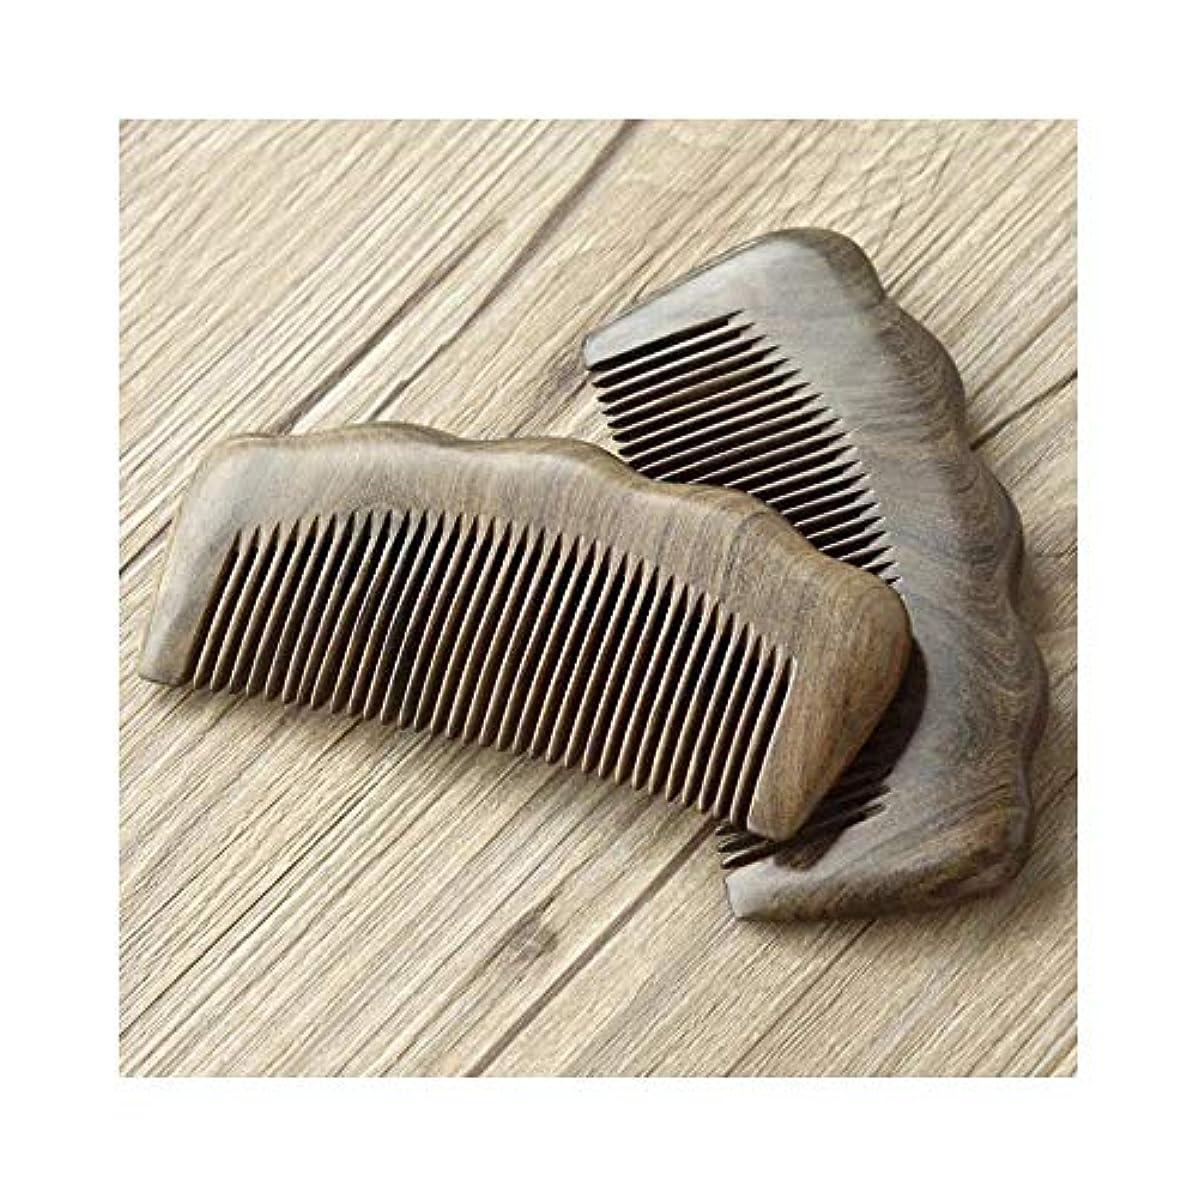 はっきりと愚か中止しますFashianナチュラルサンダルウッドコーム - 全歯と手作りの木製くし静電気防止コーム ヘアケア (色 : 81247)